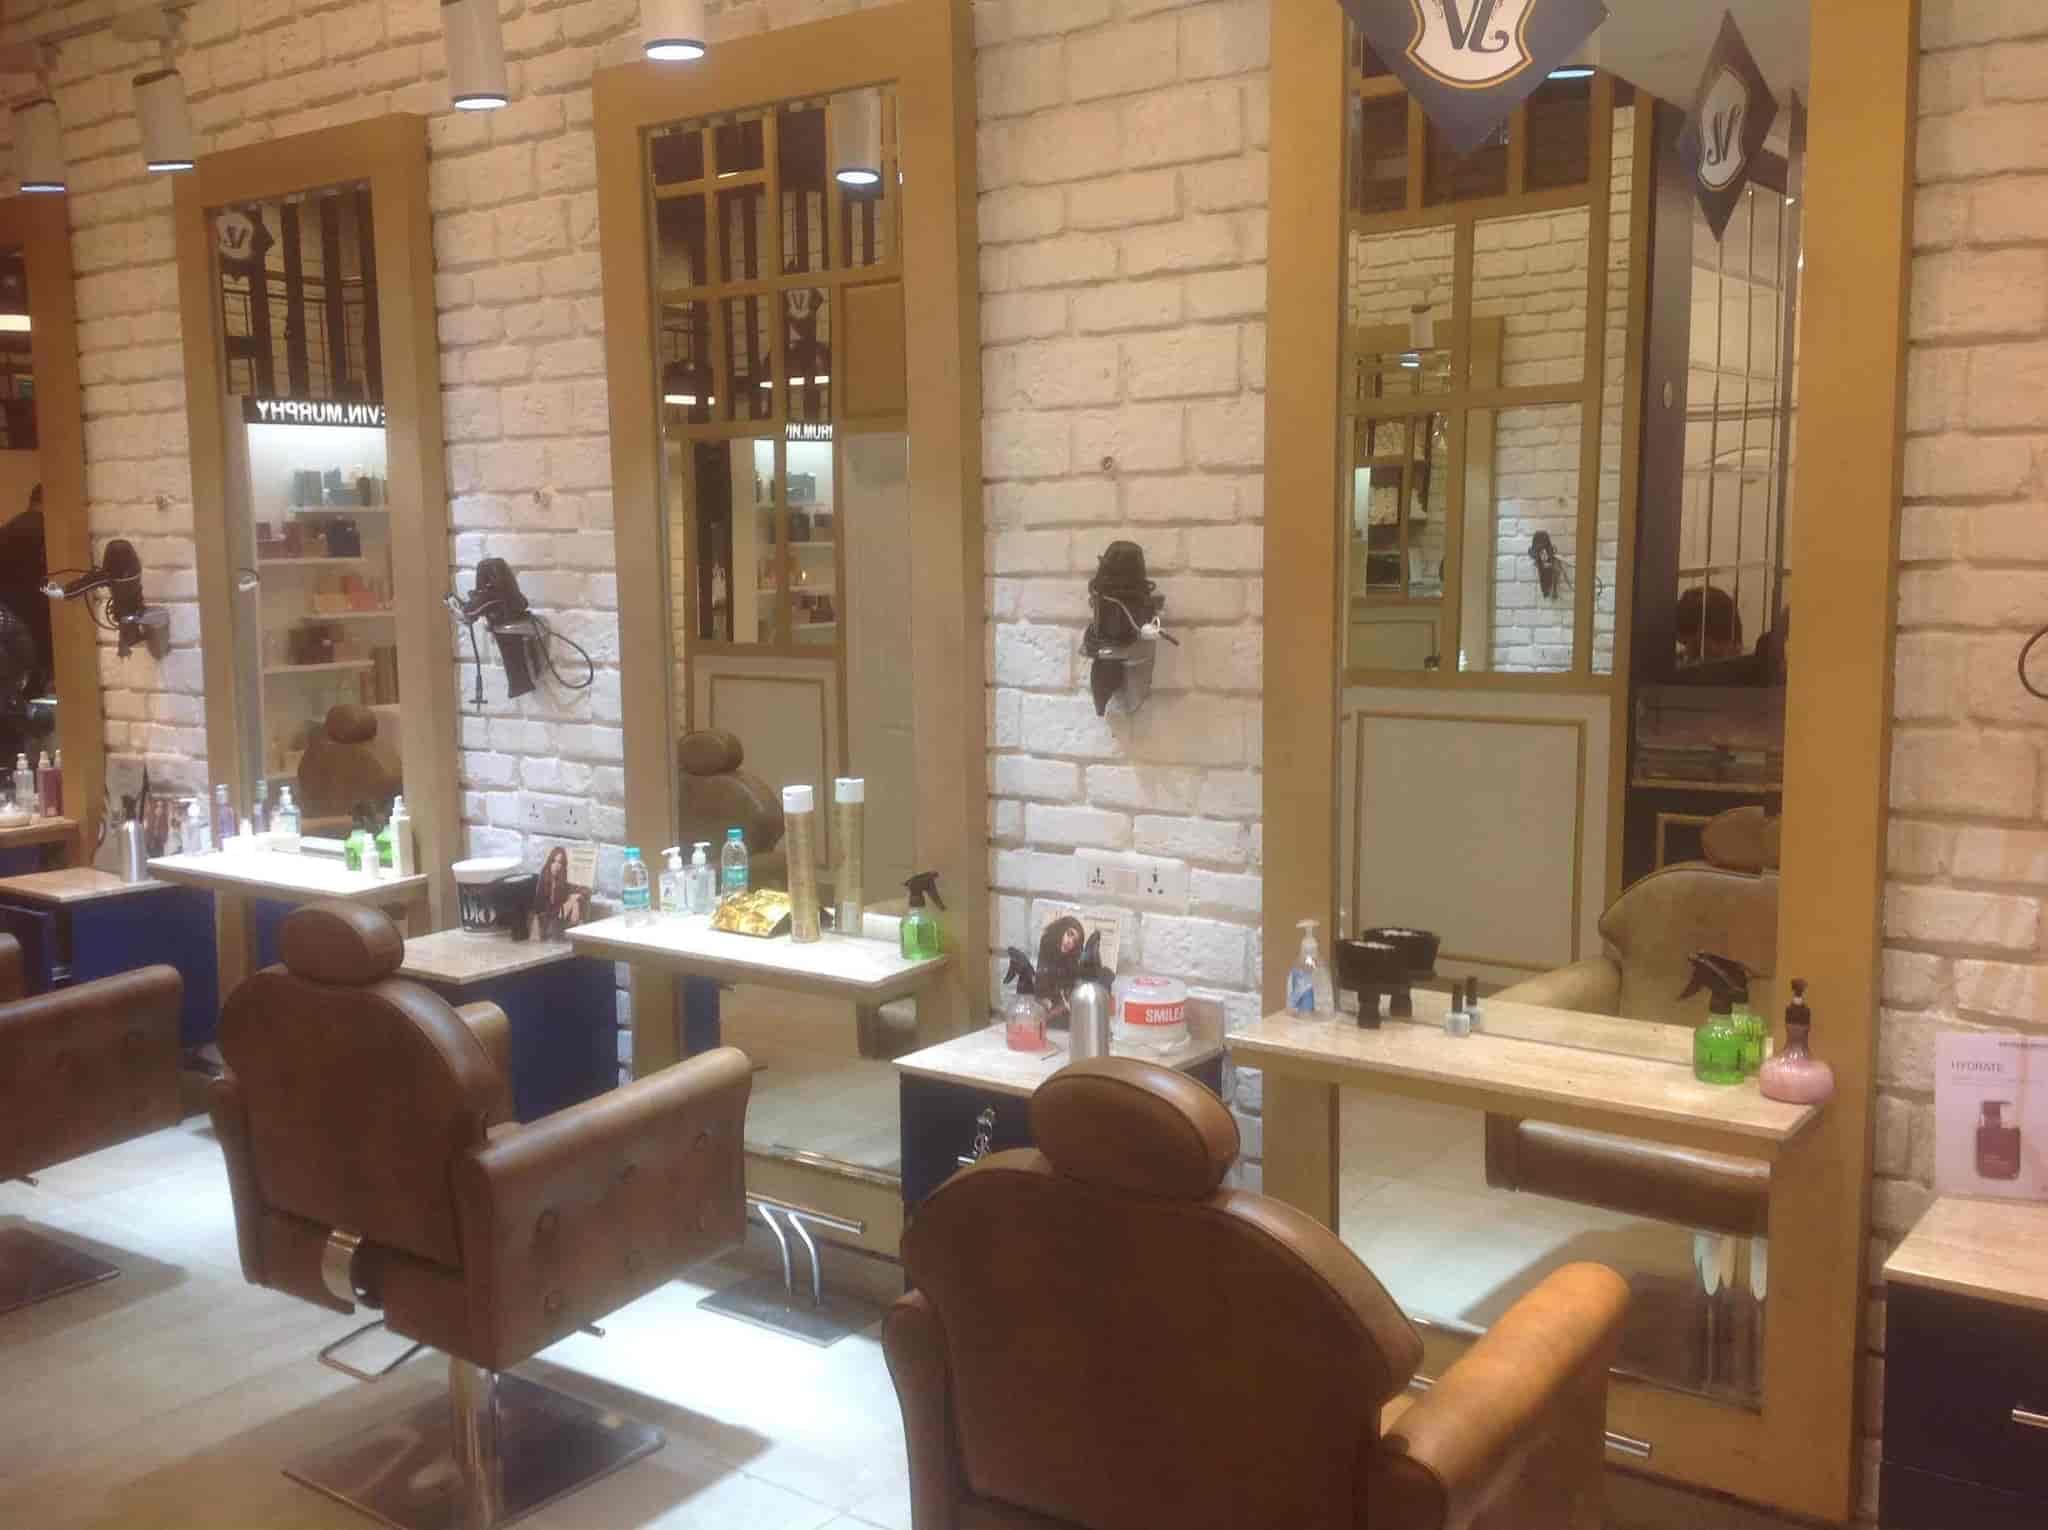 Vanity Lounge Grooming U0026 Wellness